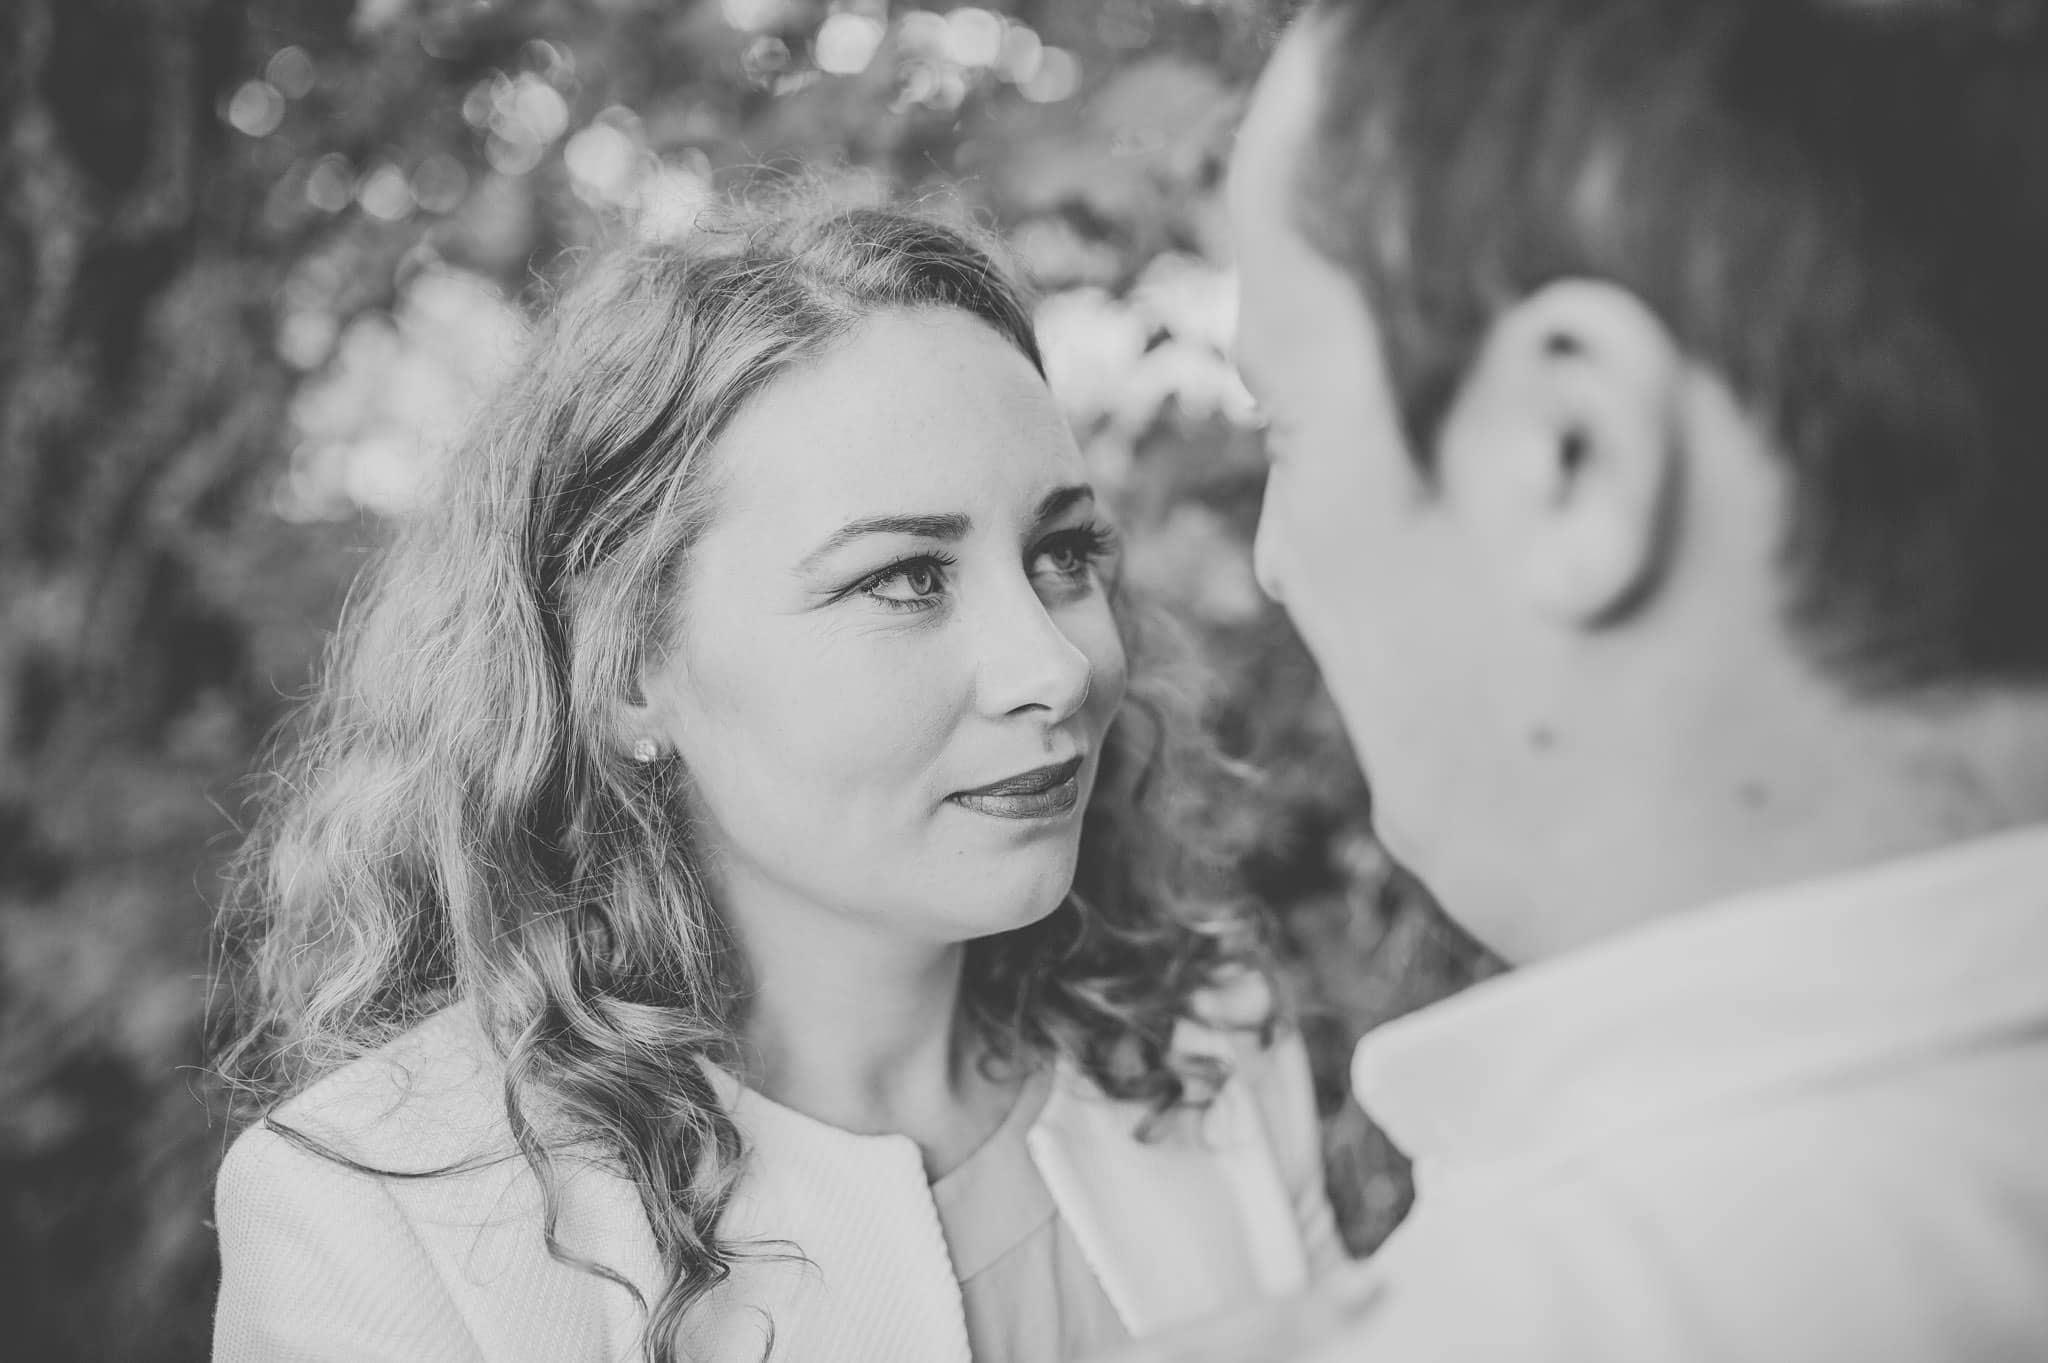 wedding-photographer-aberystwyth (3)